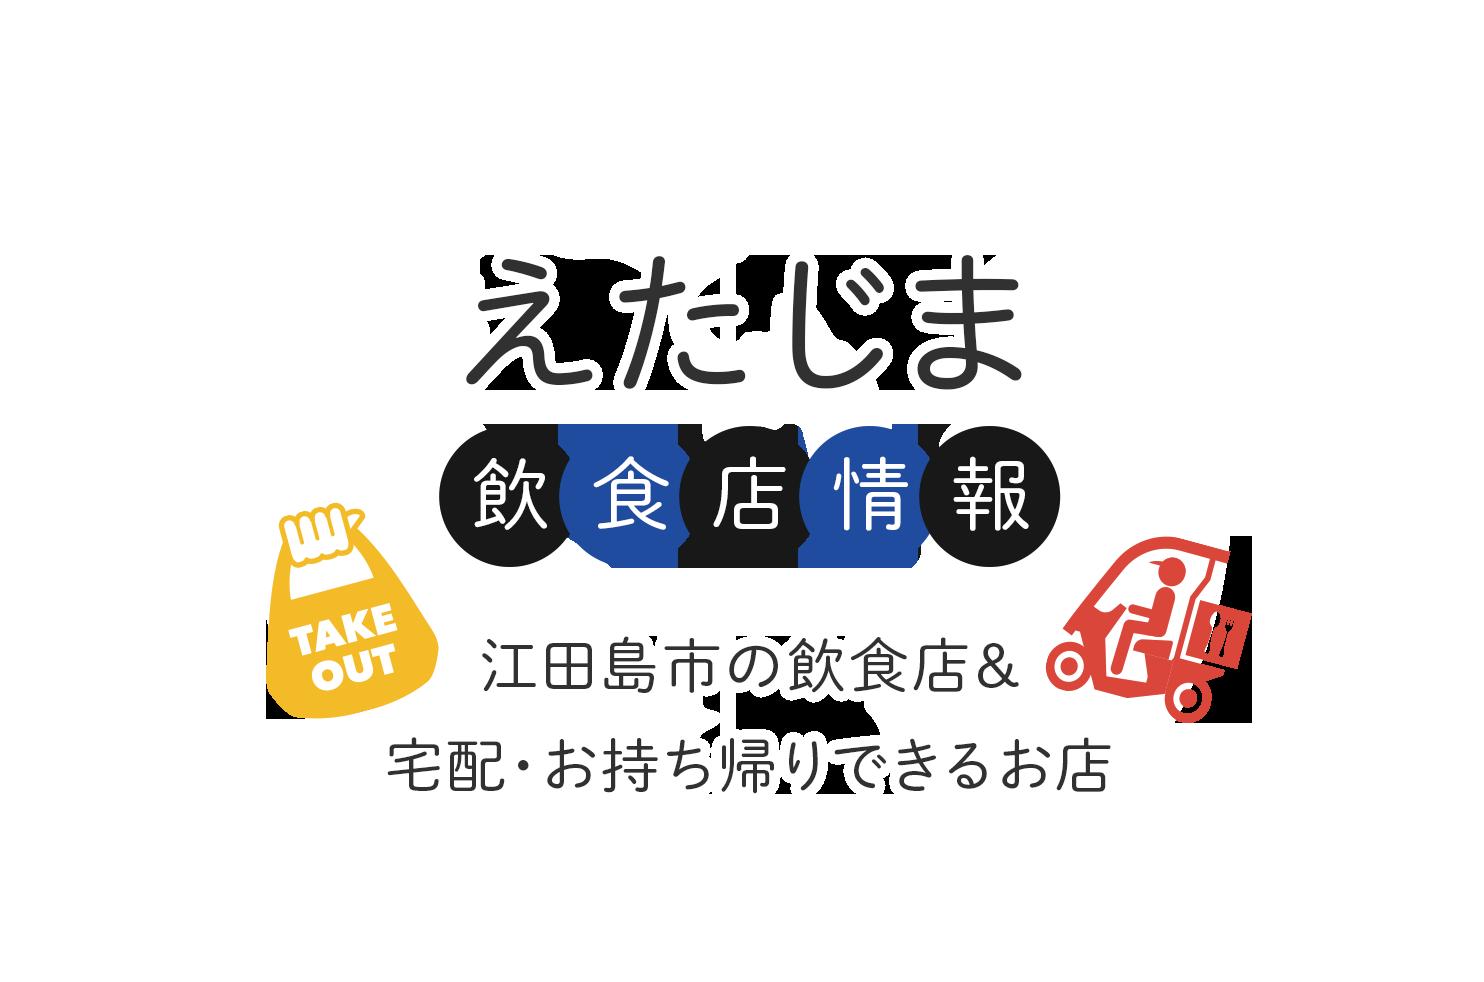 広島江田島市の飲食店&お持ち帰り・宅配情報サイト|えたじまごはん